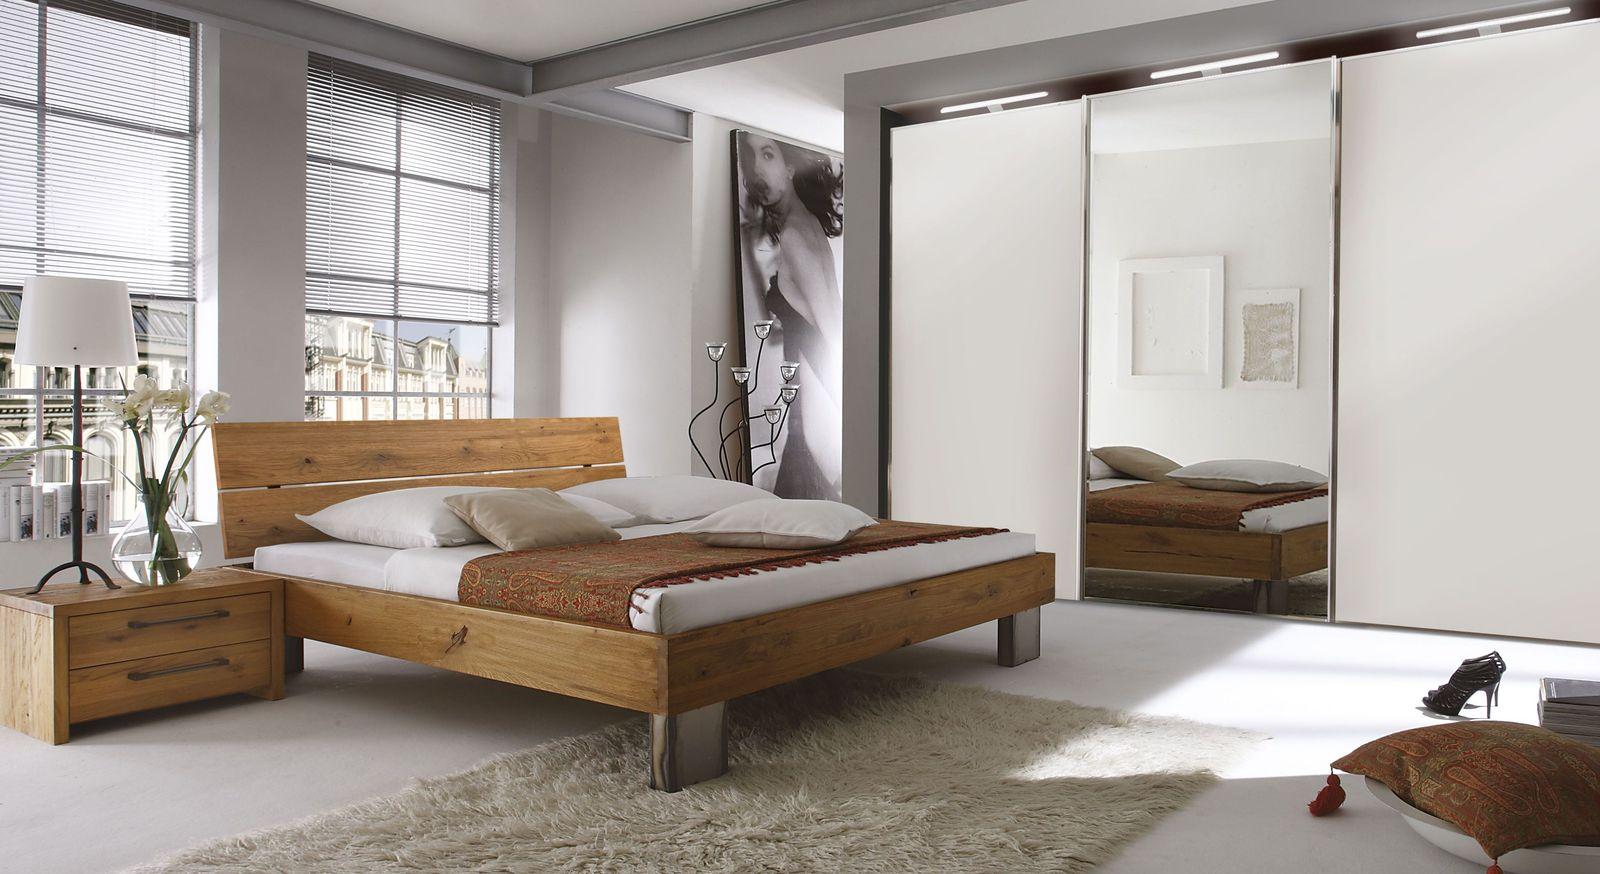 Bett Fuego Aus Wildeichenholz Als Einzelbett Doppelbett